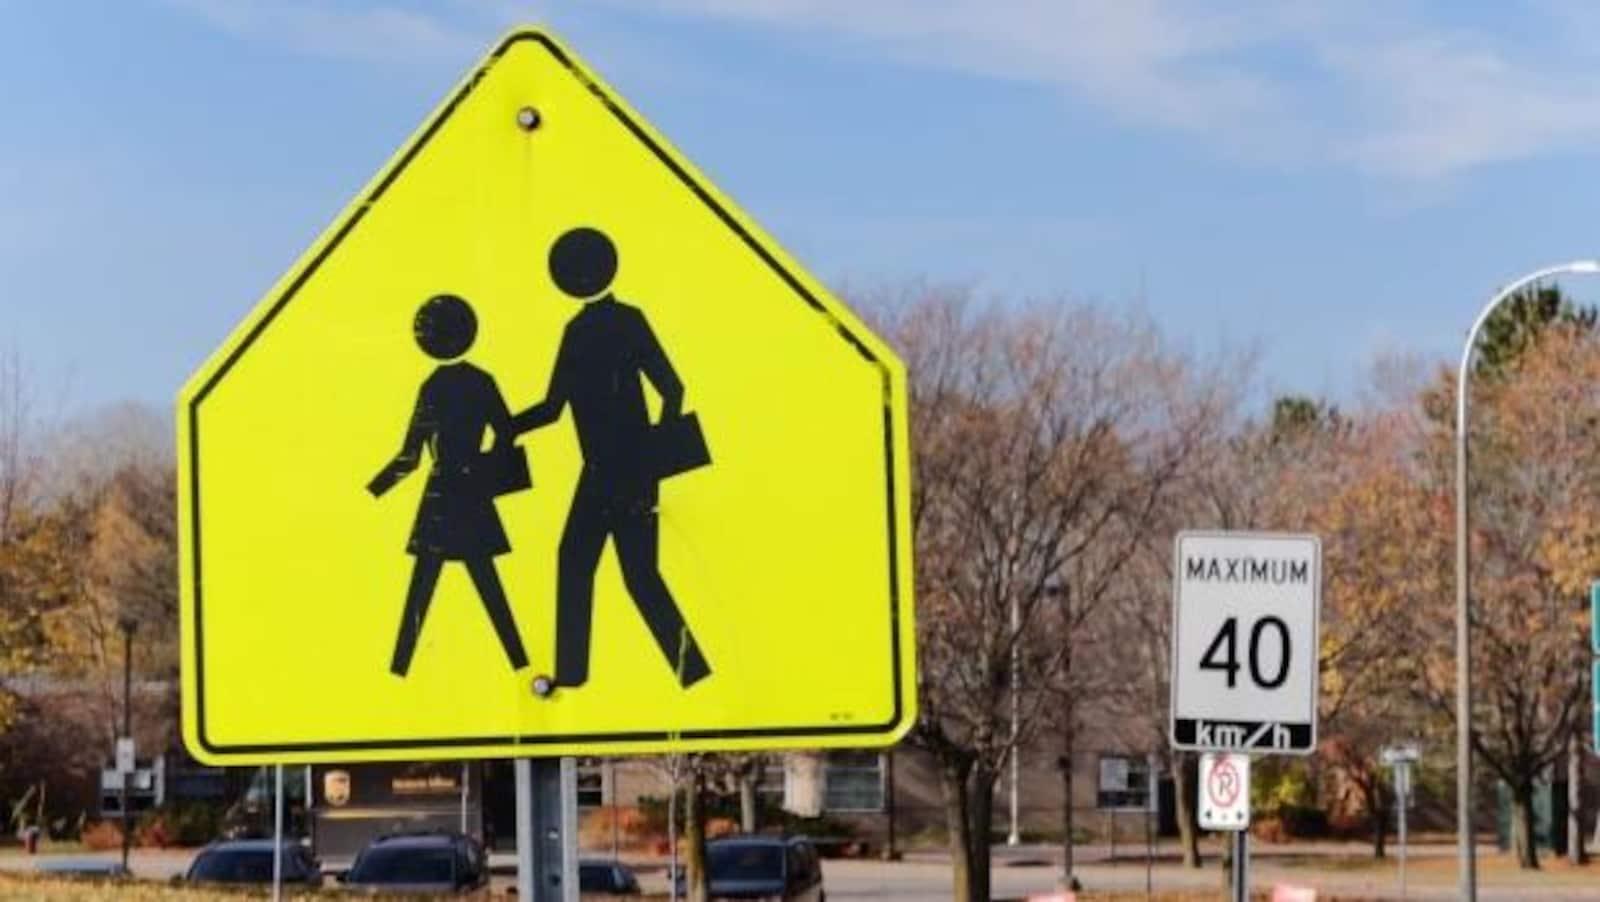 Des affiches annonçant une zone scolaire et une limite de vitesse de 40 km/h